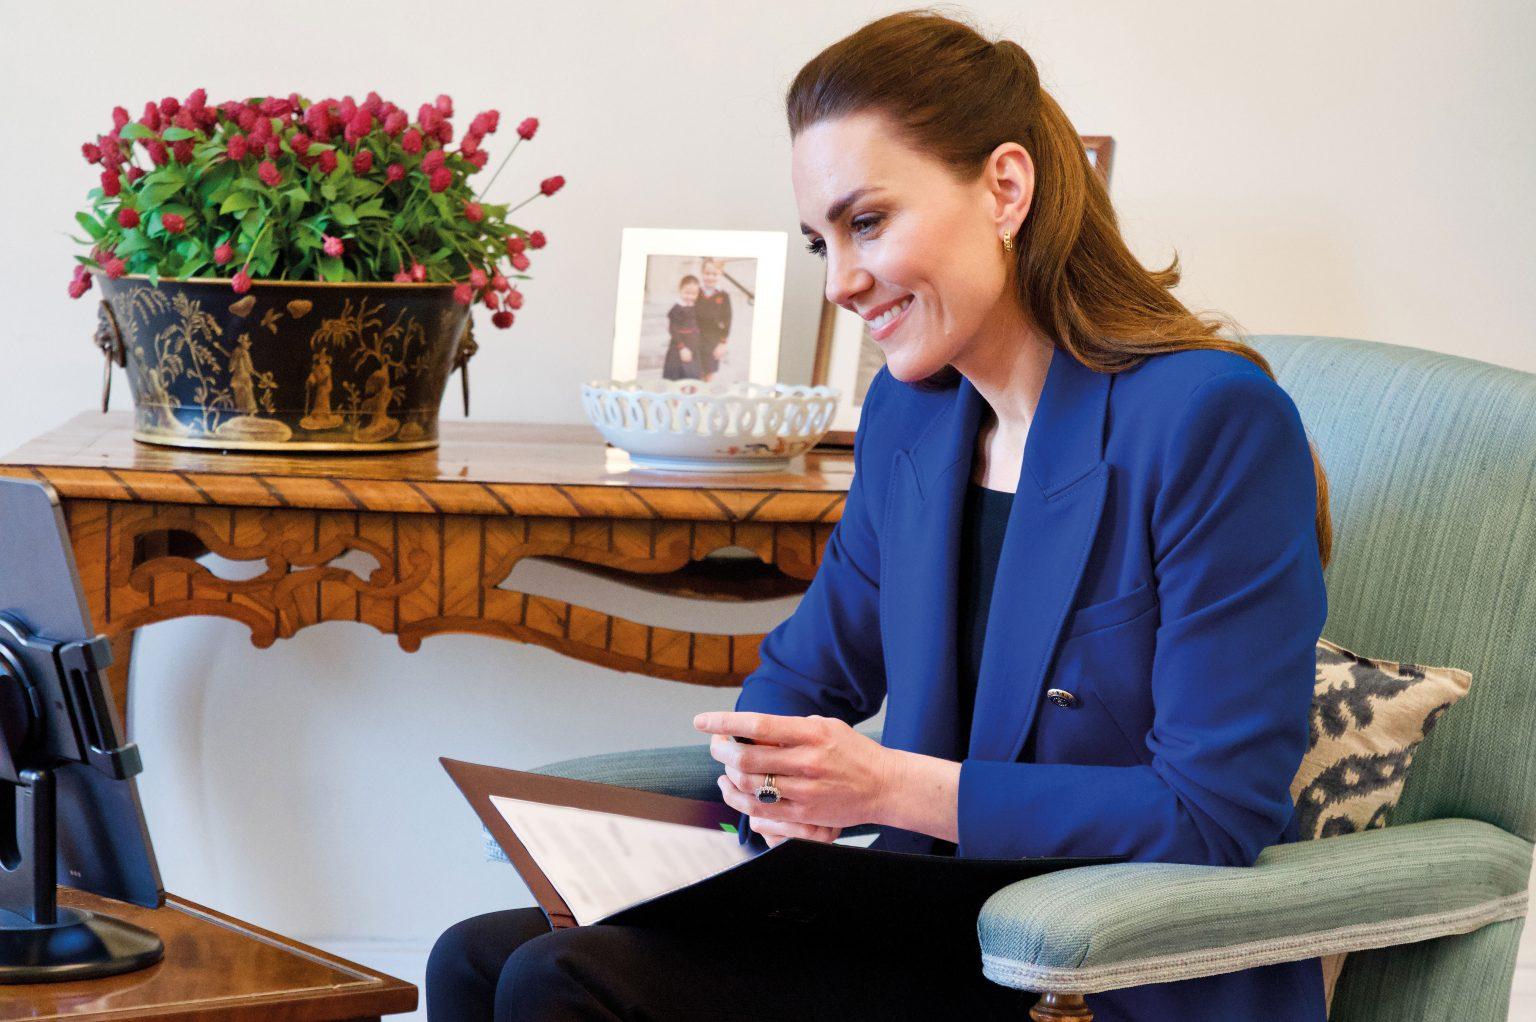 Przetłumaczony wywiad księżnej Kate z Harriet Nayiga z okazji Międzynarodowego Dnia Położnej